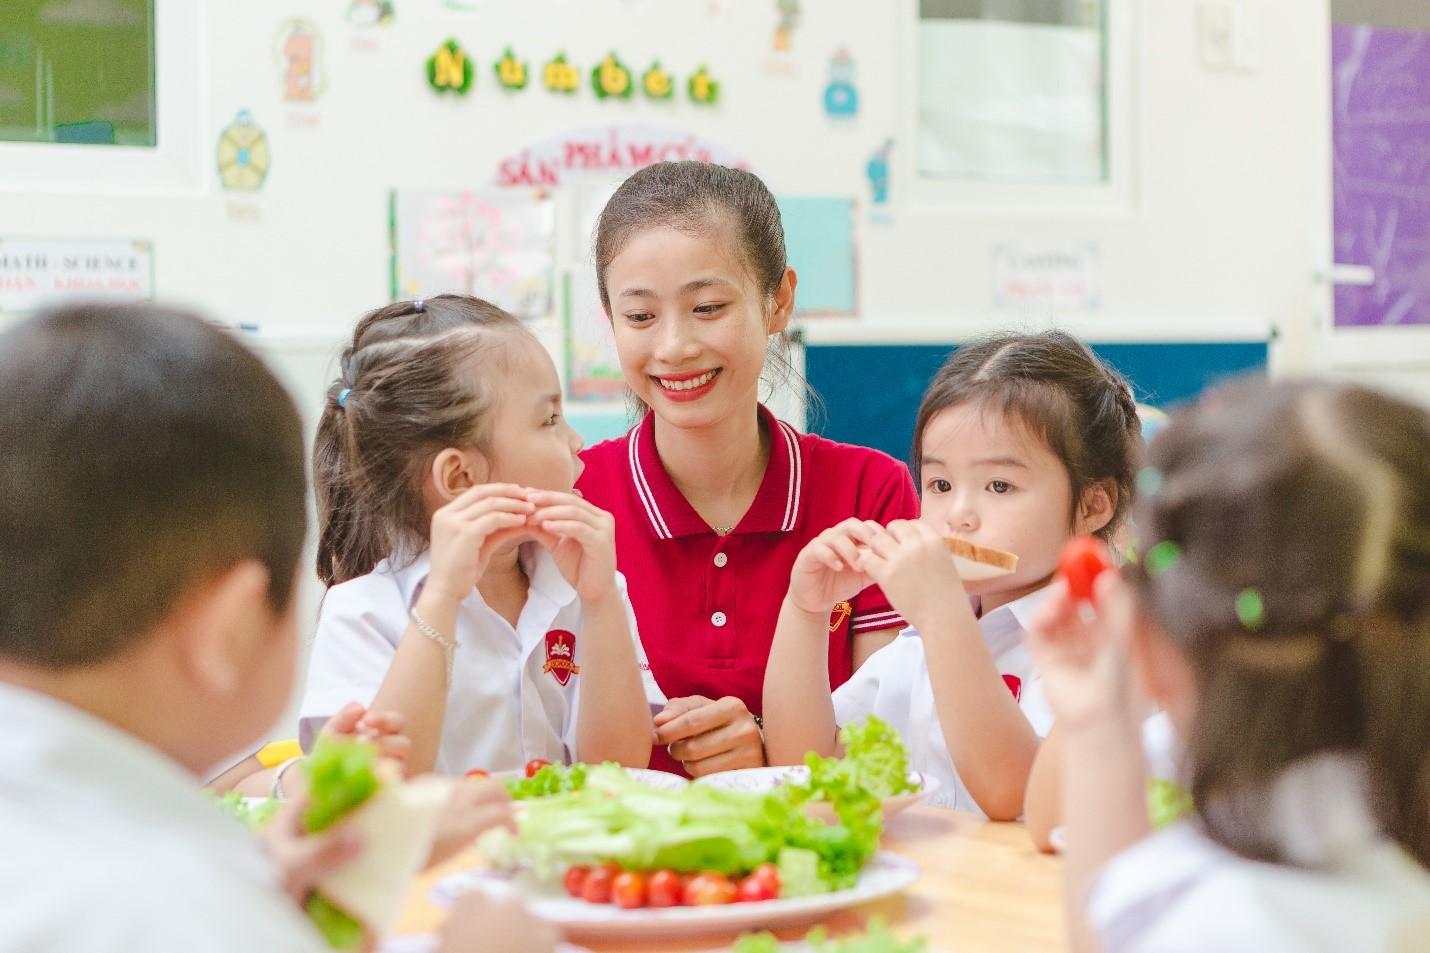 Cách chế biến thức ăn giúp trẻ ngon miệng